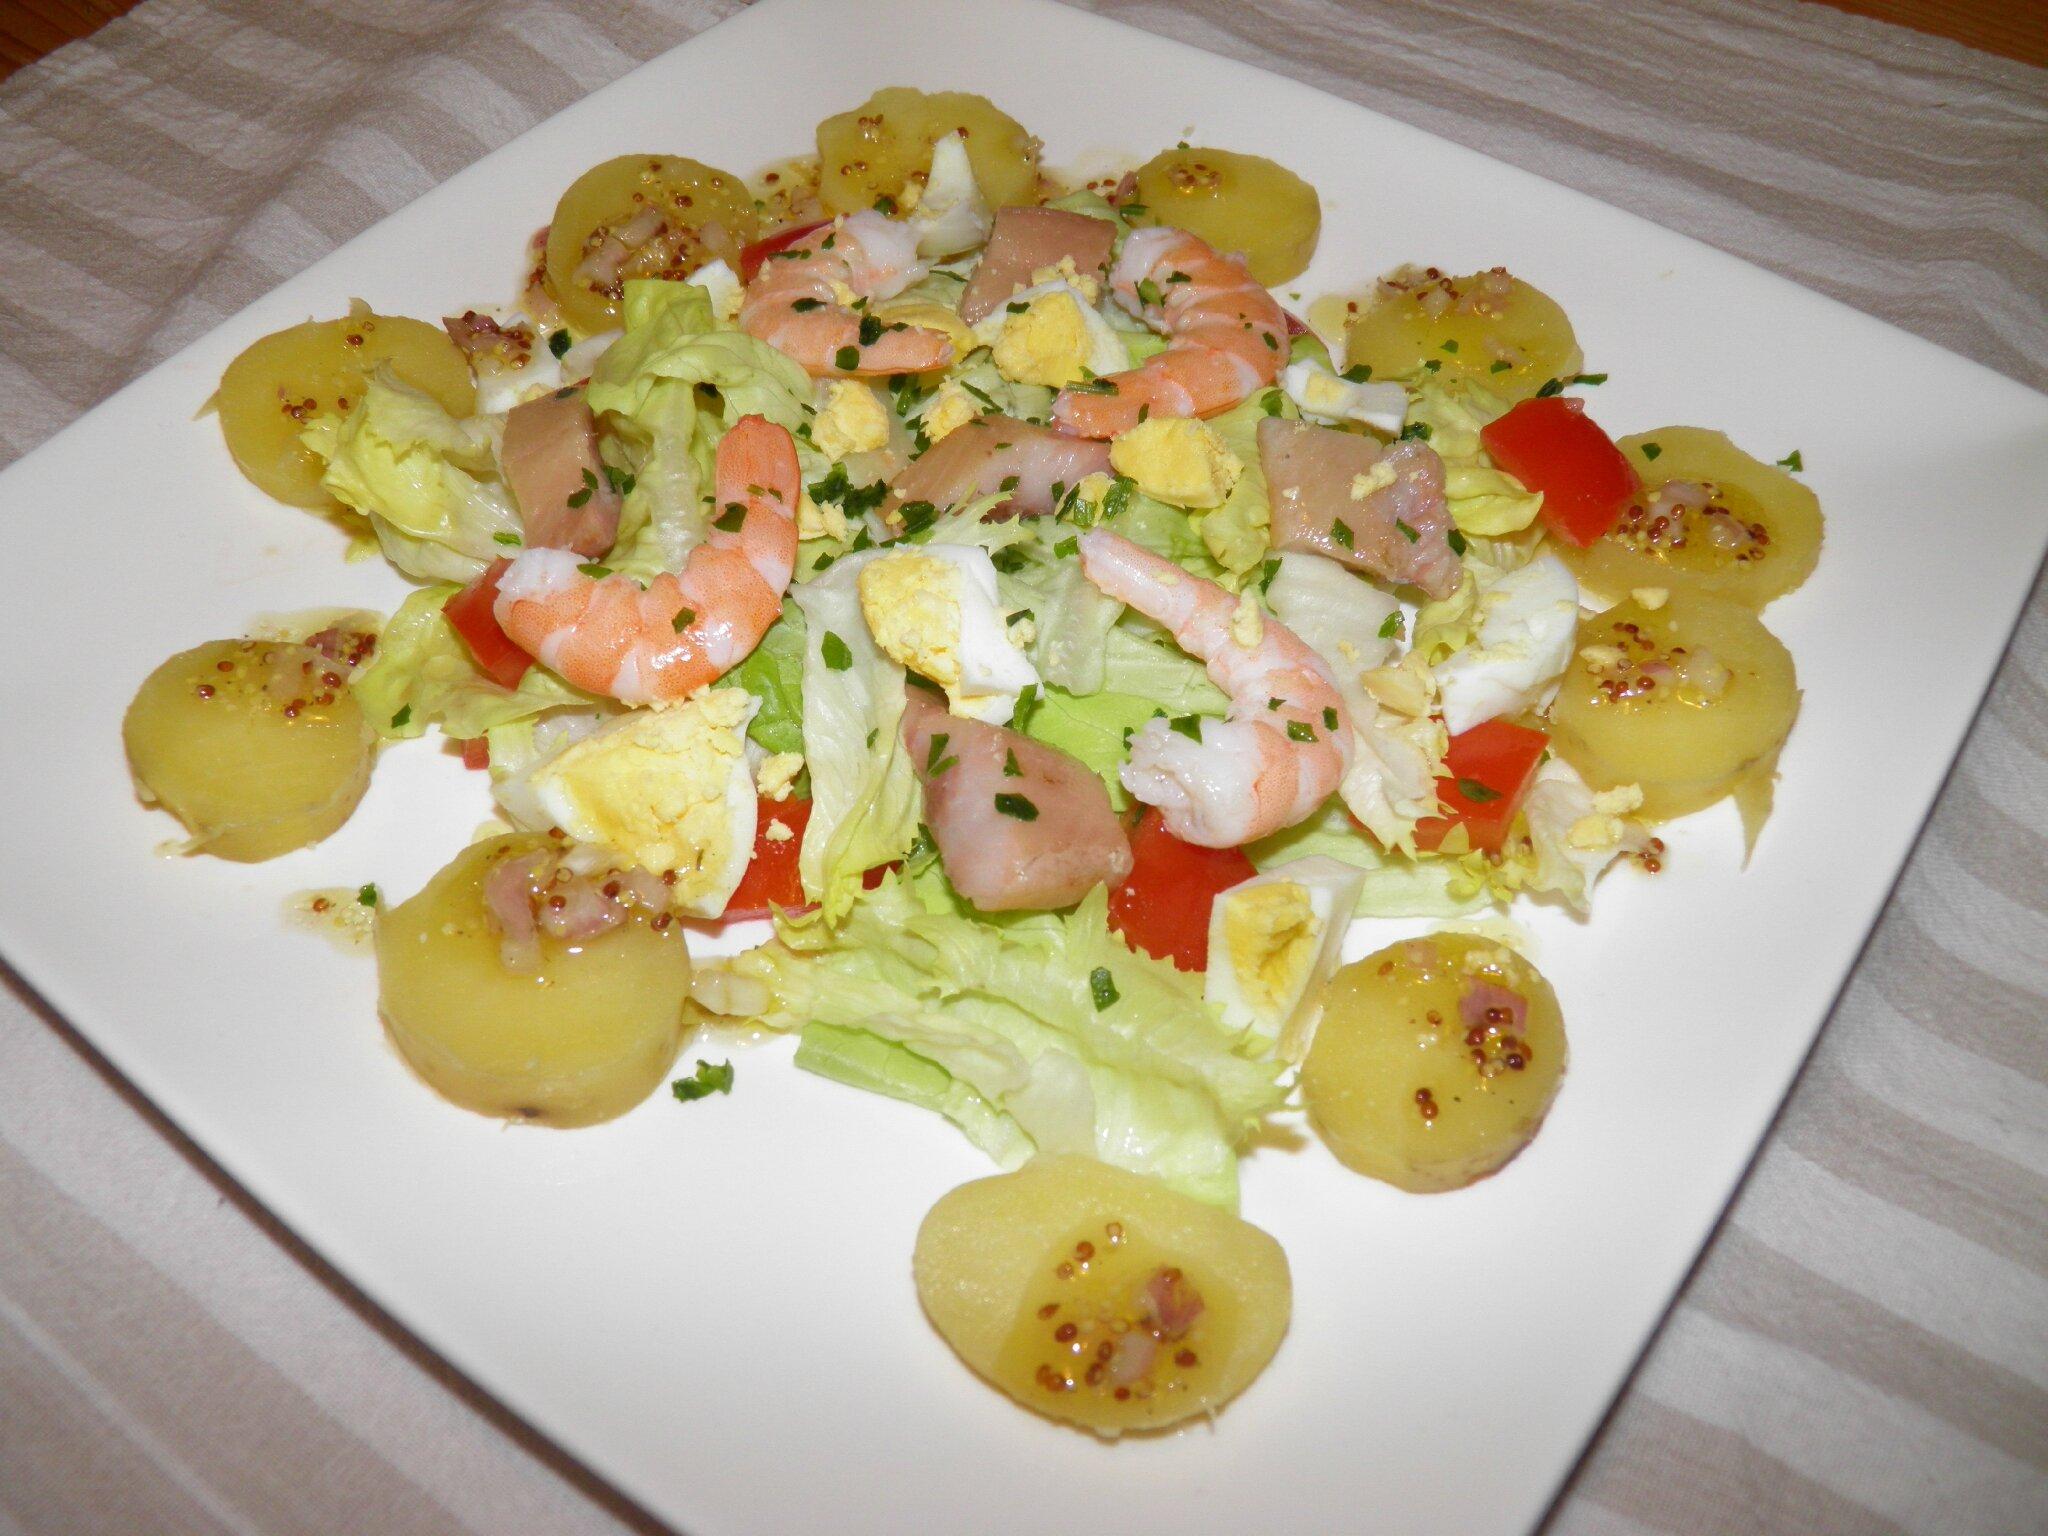 entr e ou plat salade dieppoise aux harengs crevettes et oeufs durs terre et mar. Black Bedroom Furniture Sets. Home Design Ideas